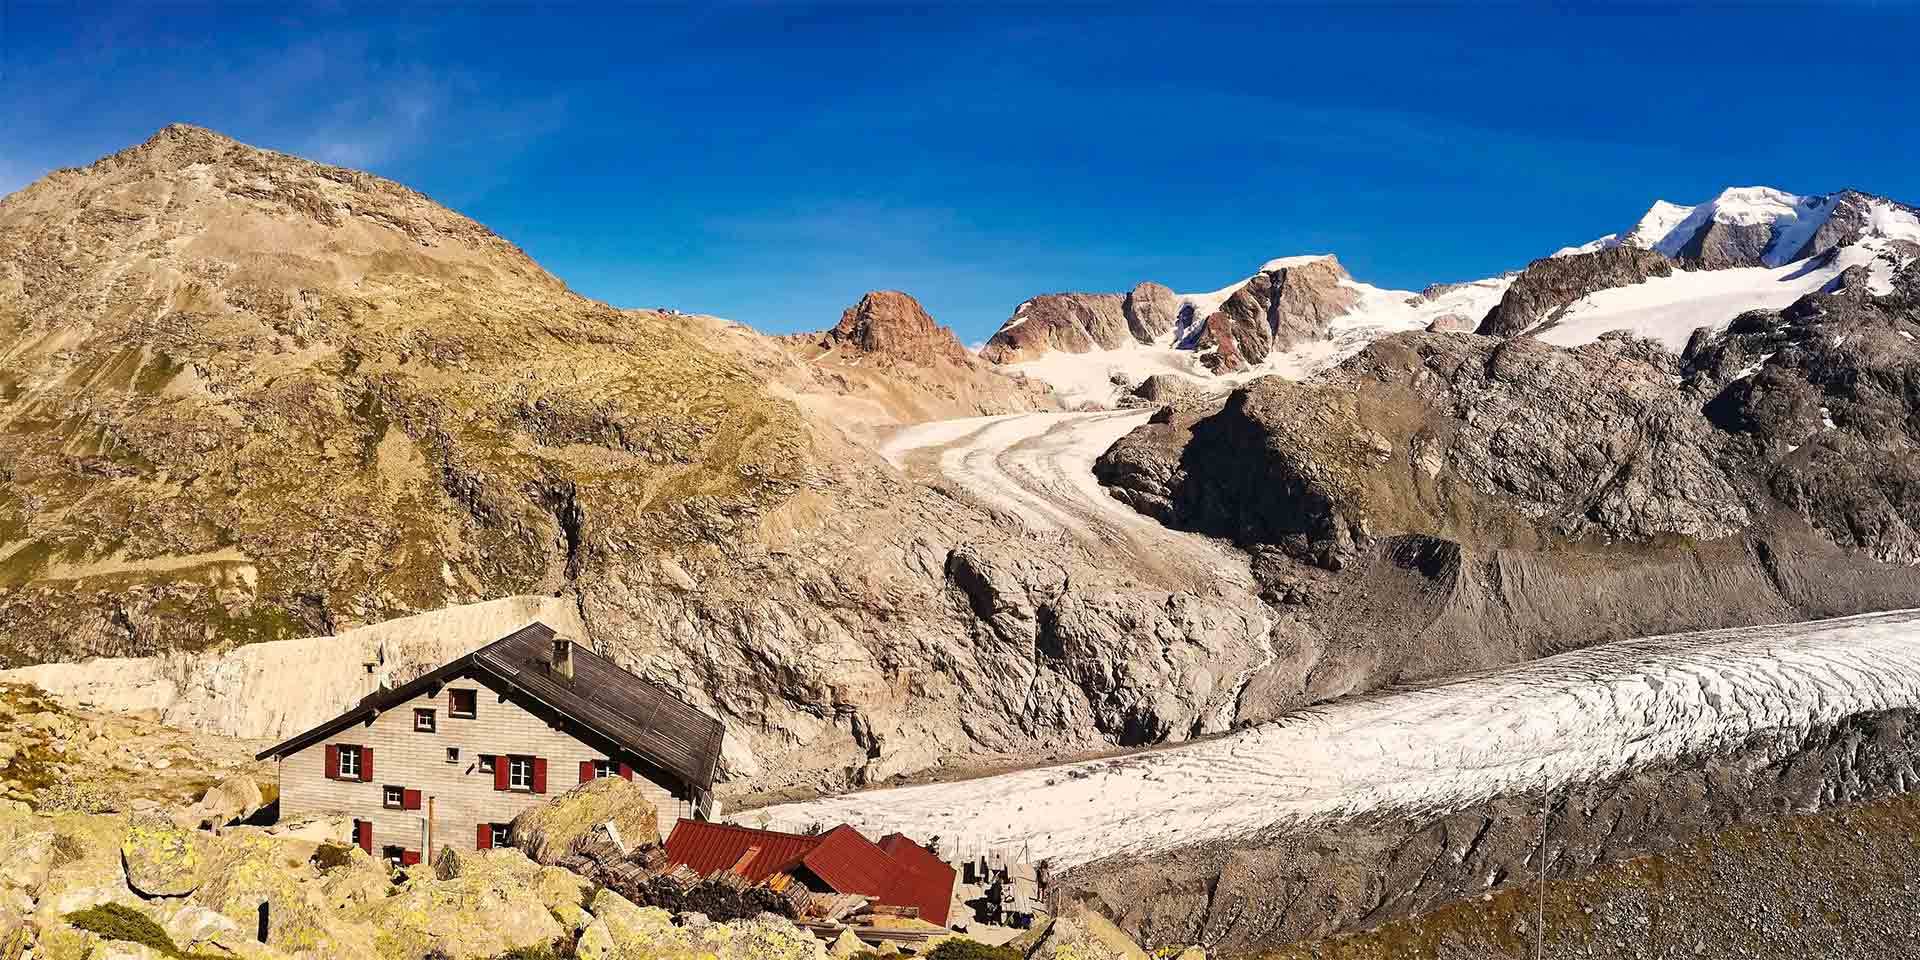 Die SAC-Hütte «Chamanna da Boval CAS» liegt direkt am Morteratschgletscher.